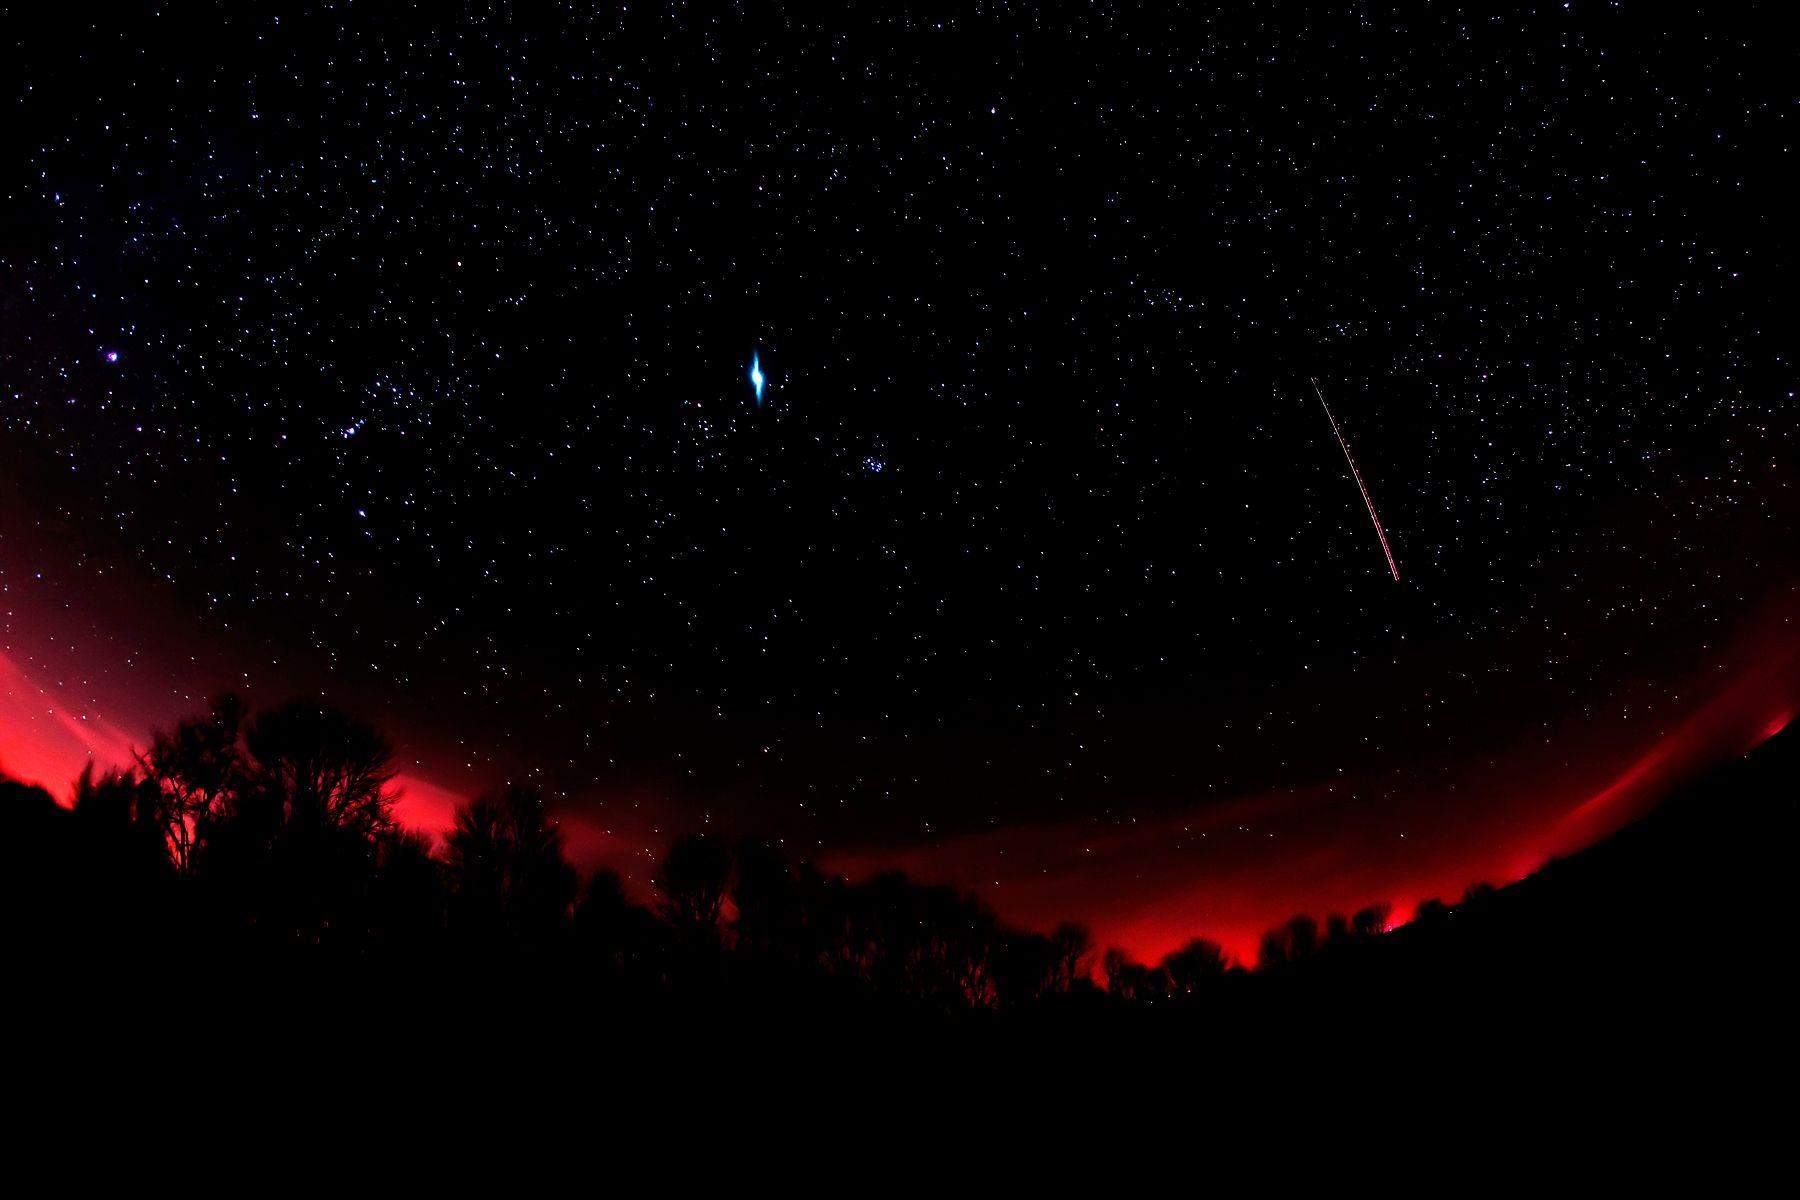 1c_vanderyajt_meteor_0010_low_res.jpg